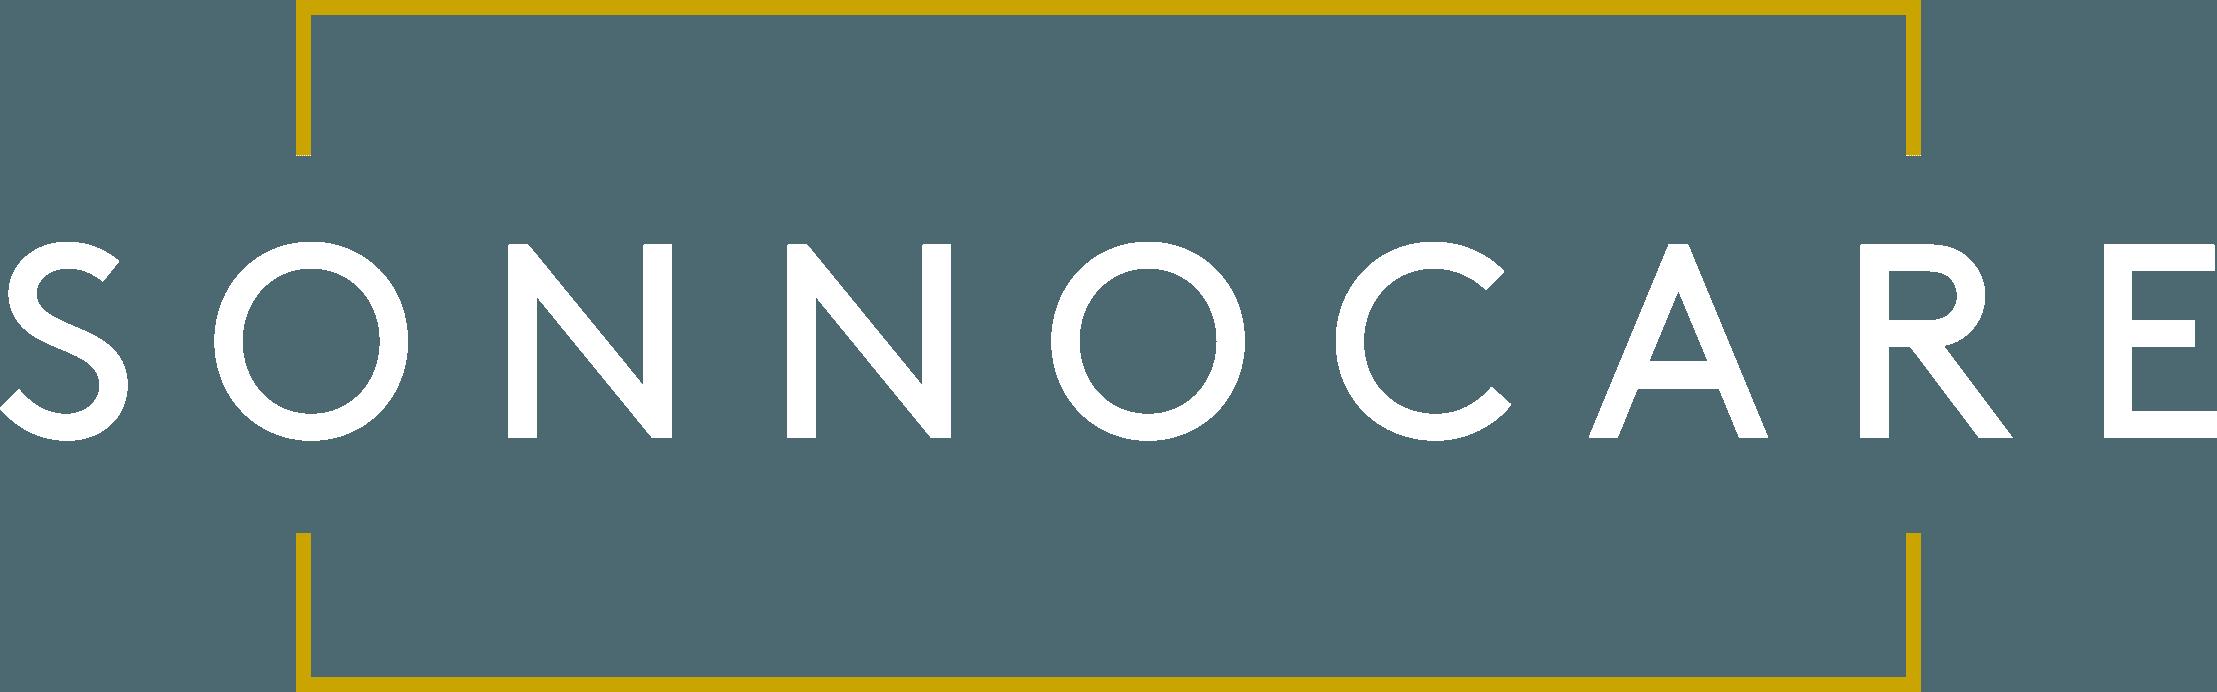 SONNOCARE